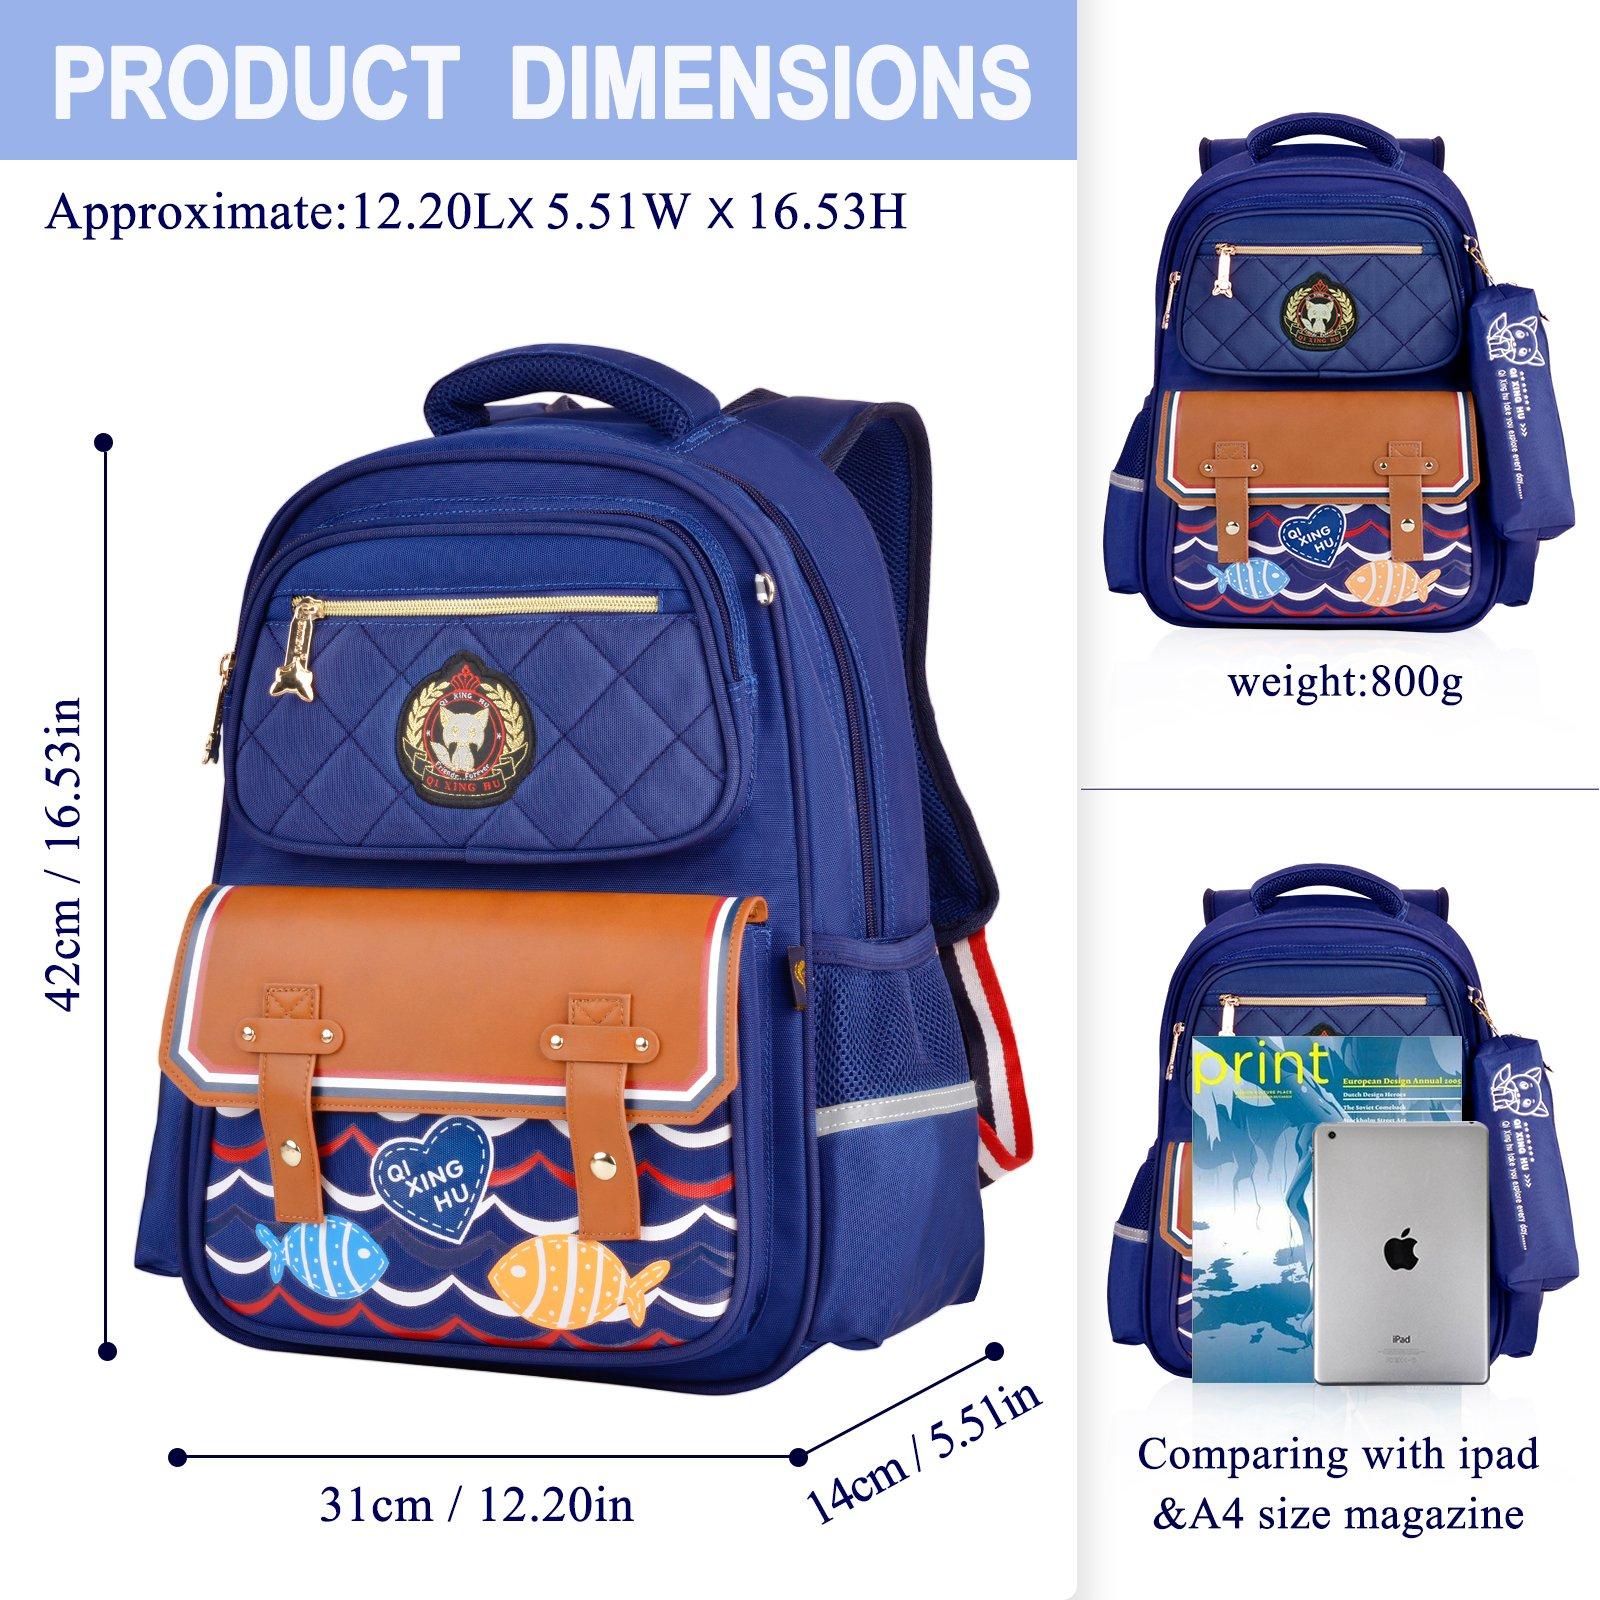 Boys Backpacks, Bageek Backpacks for School Backpack Kid School Bags for Boys Childrens Backpack by Bageek (Image #4)